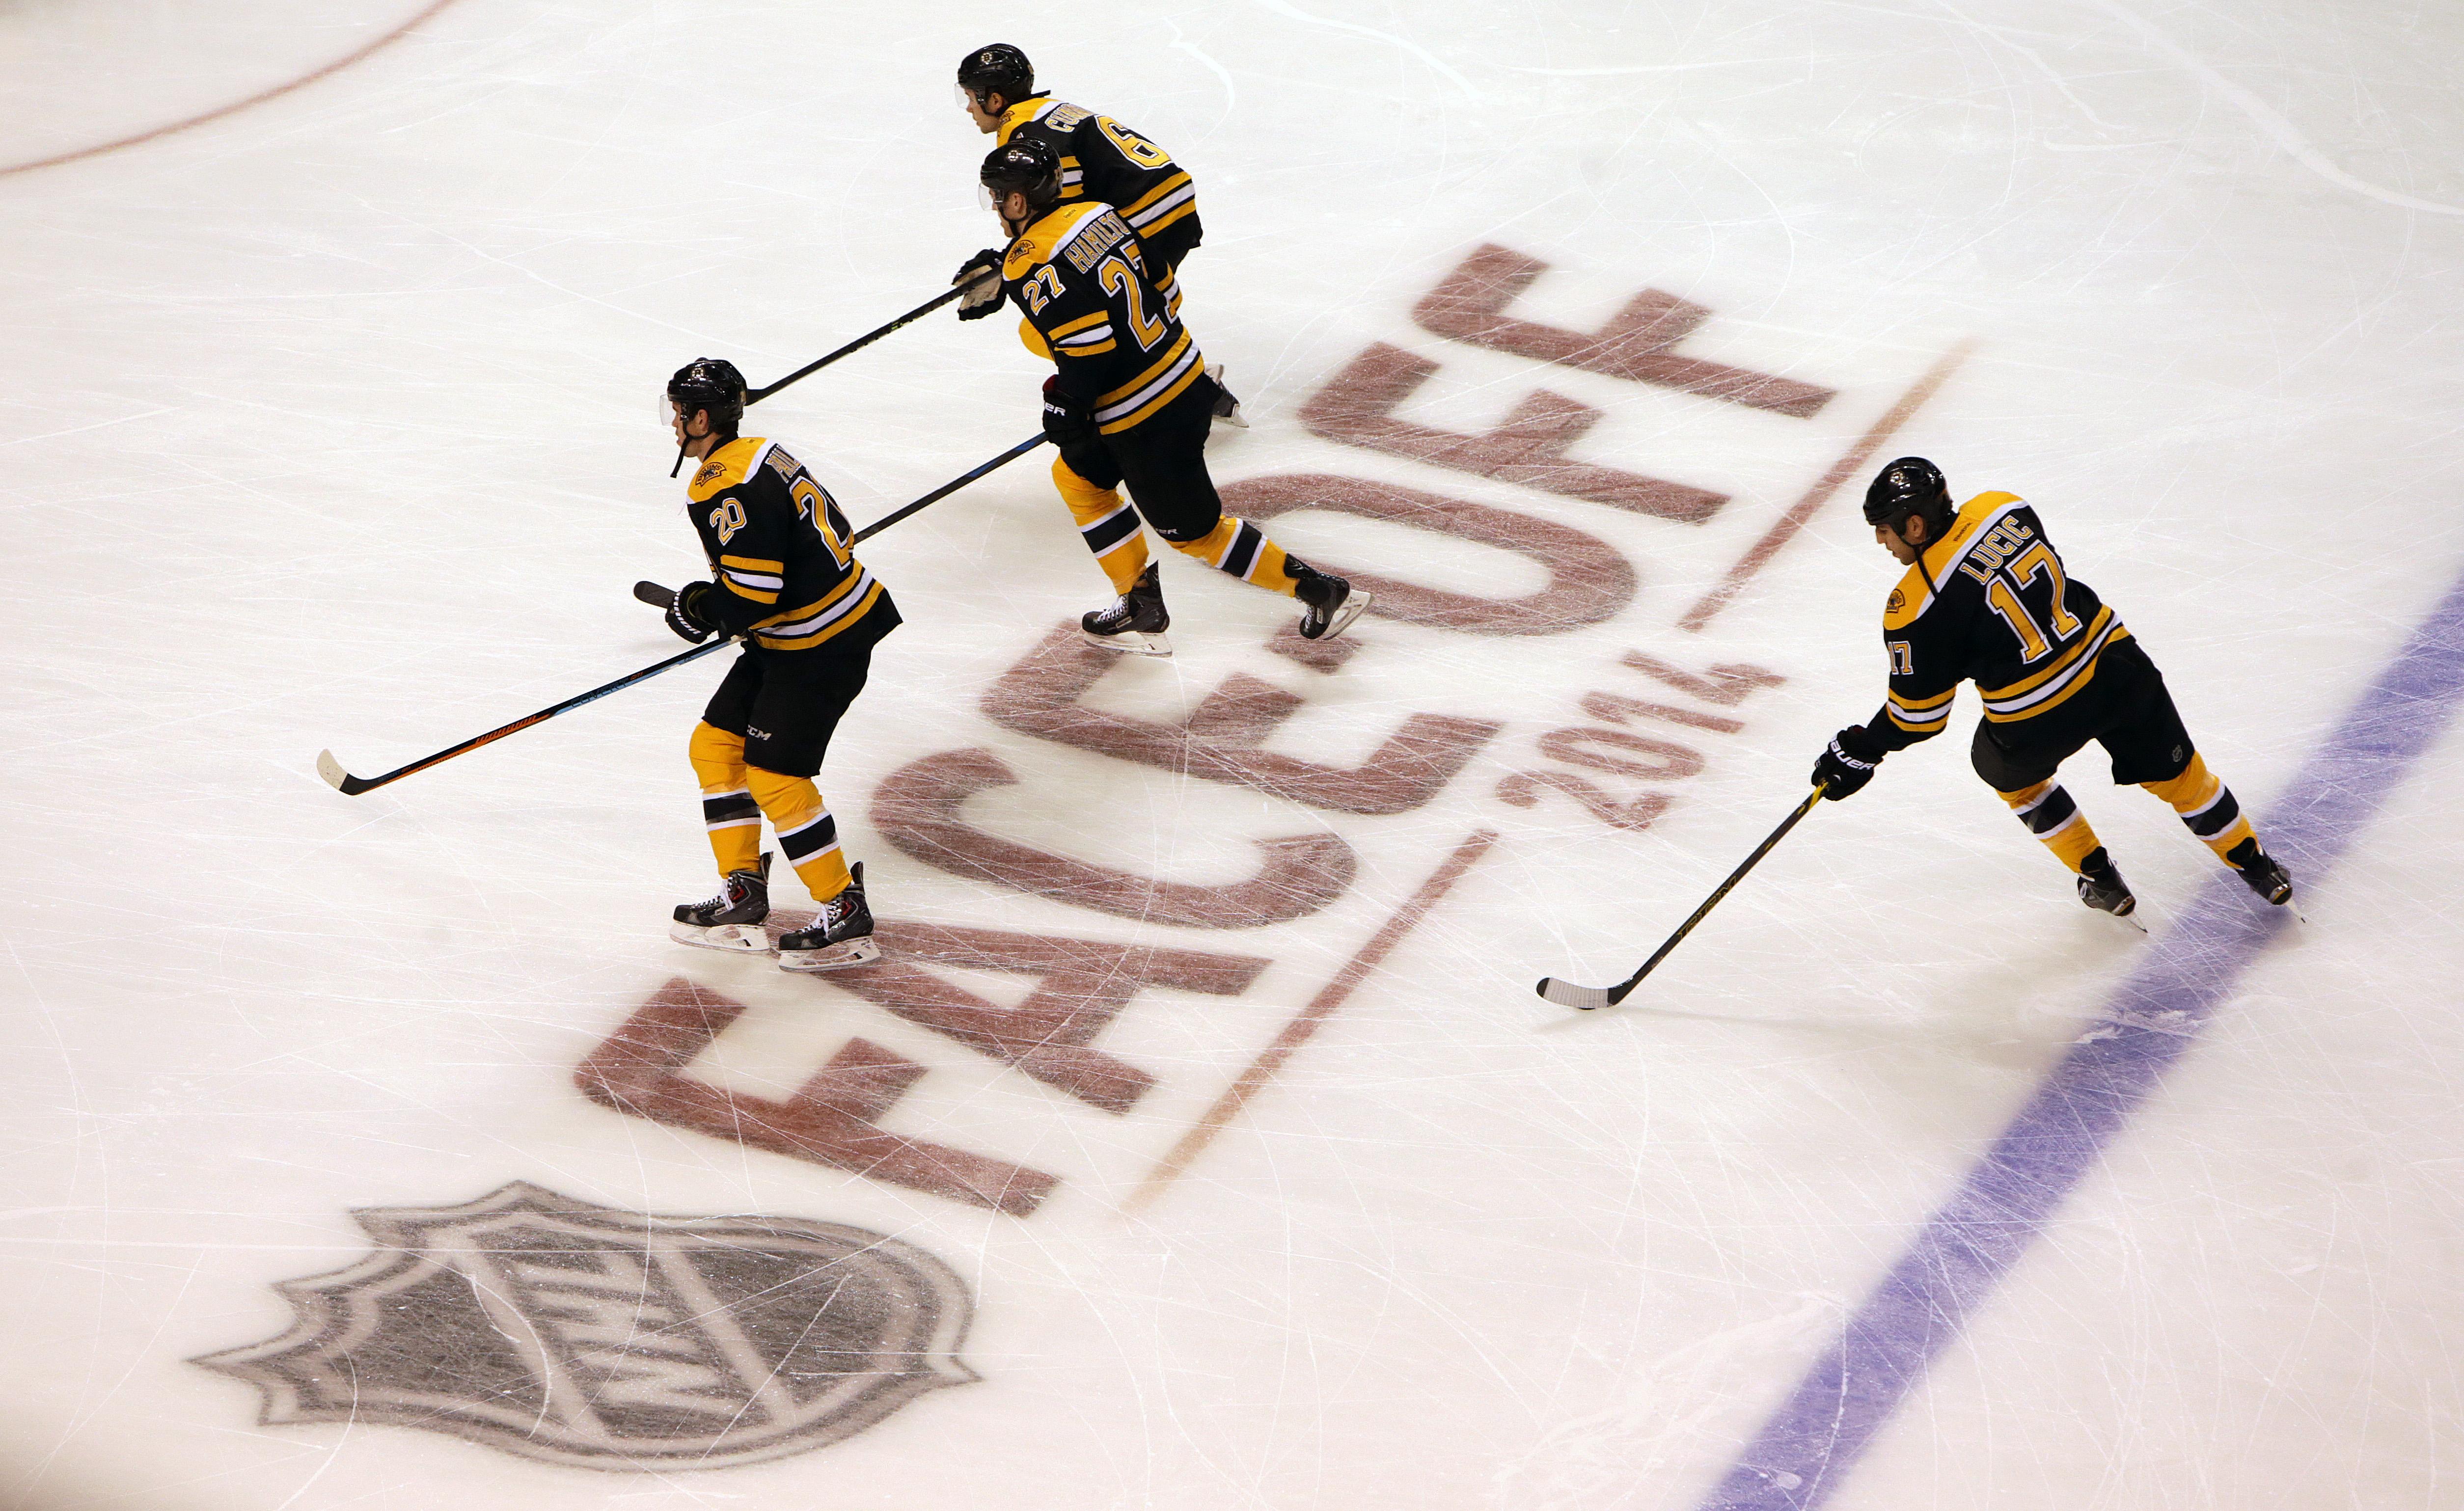 Boston Bruins Vs. Philadelphia Flyers At TD Garden